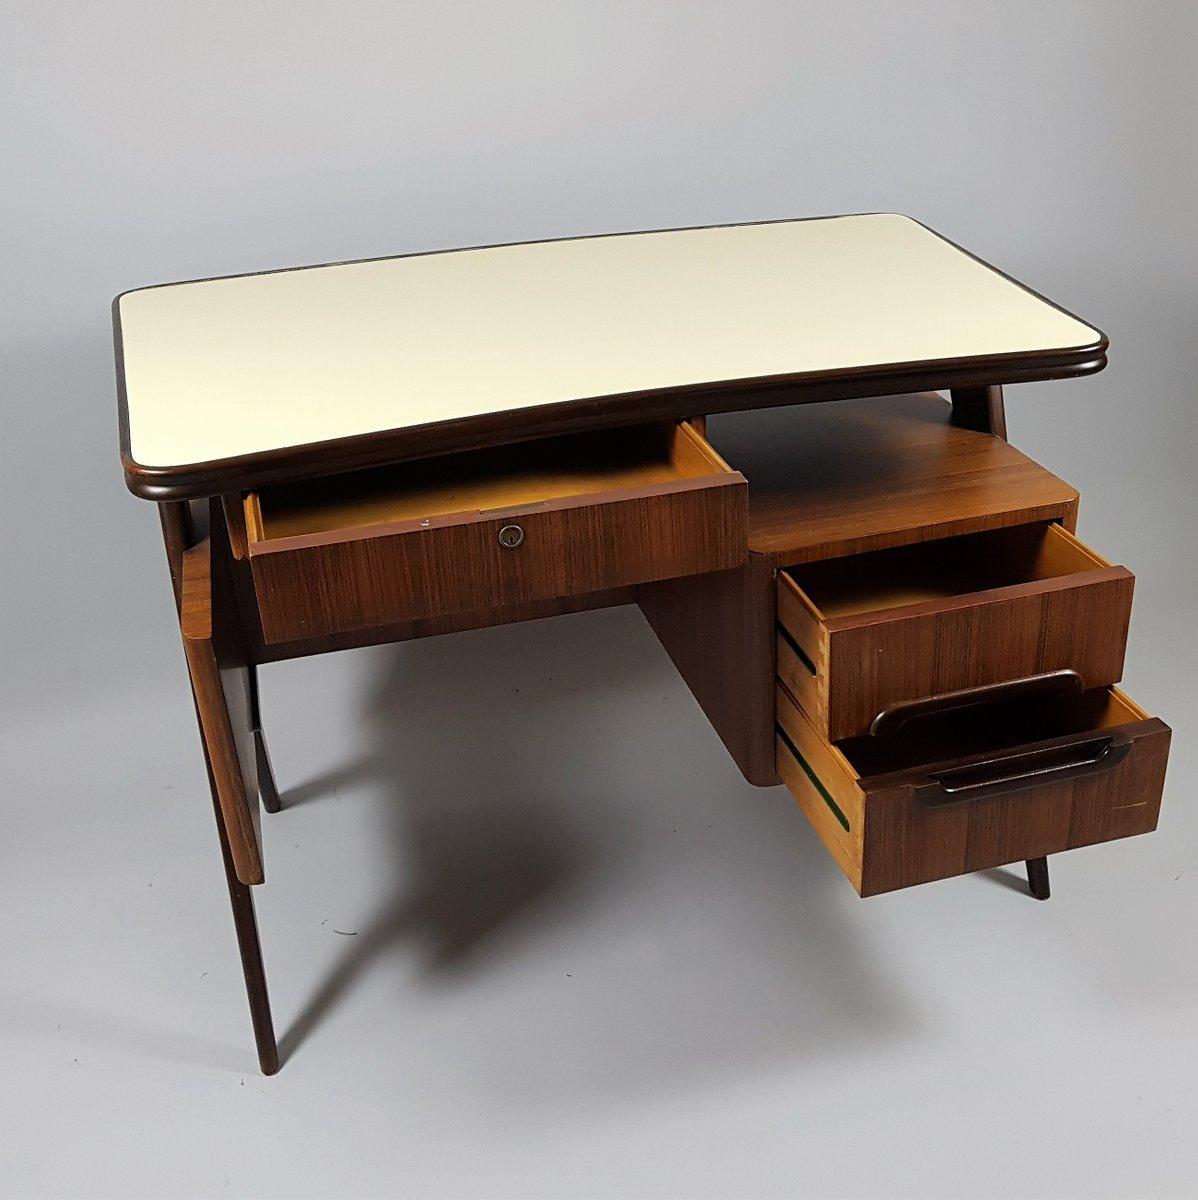 kleiner italienischer vintage schreibtisch 1950er bei pamono kaufen. Black Bedroom Furniture Sets. Home Design Ideas